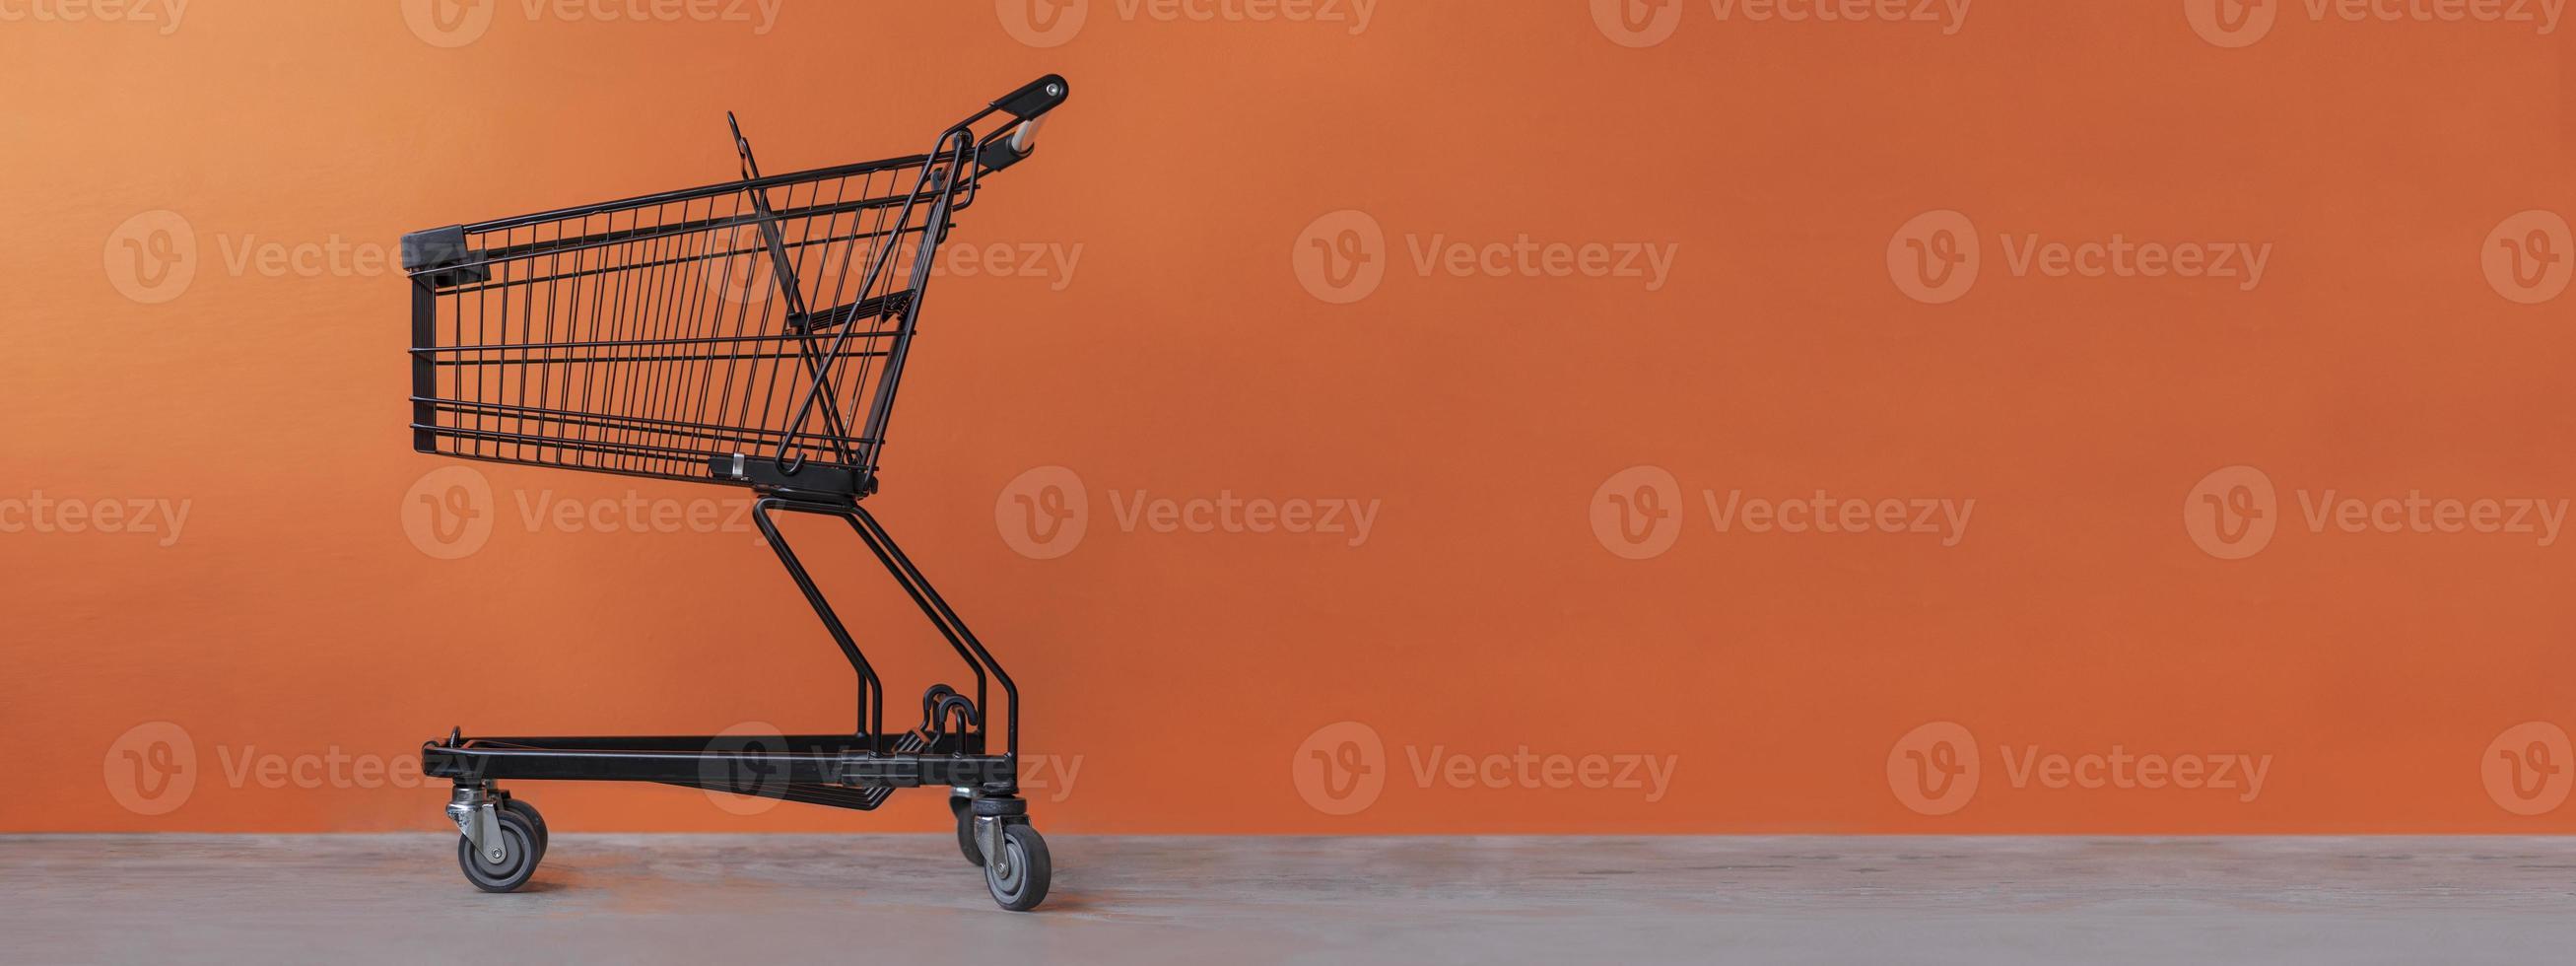 carrito de la compra sobre un fondo naranja foto